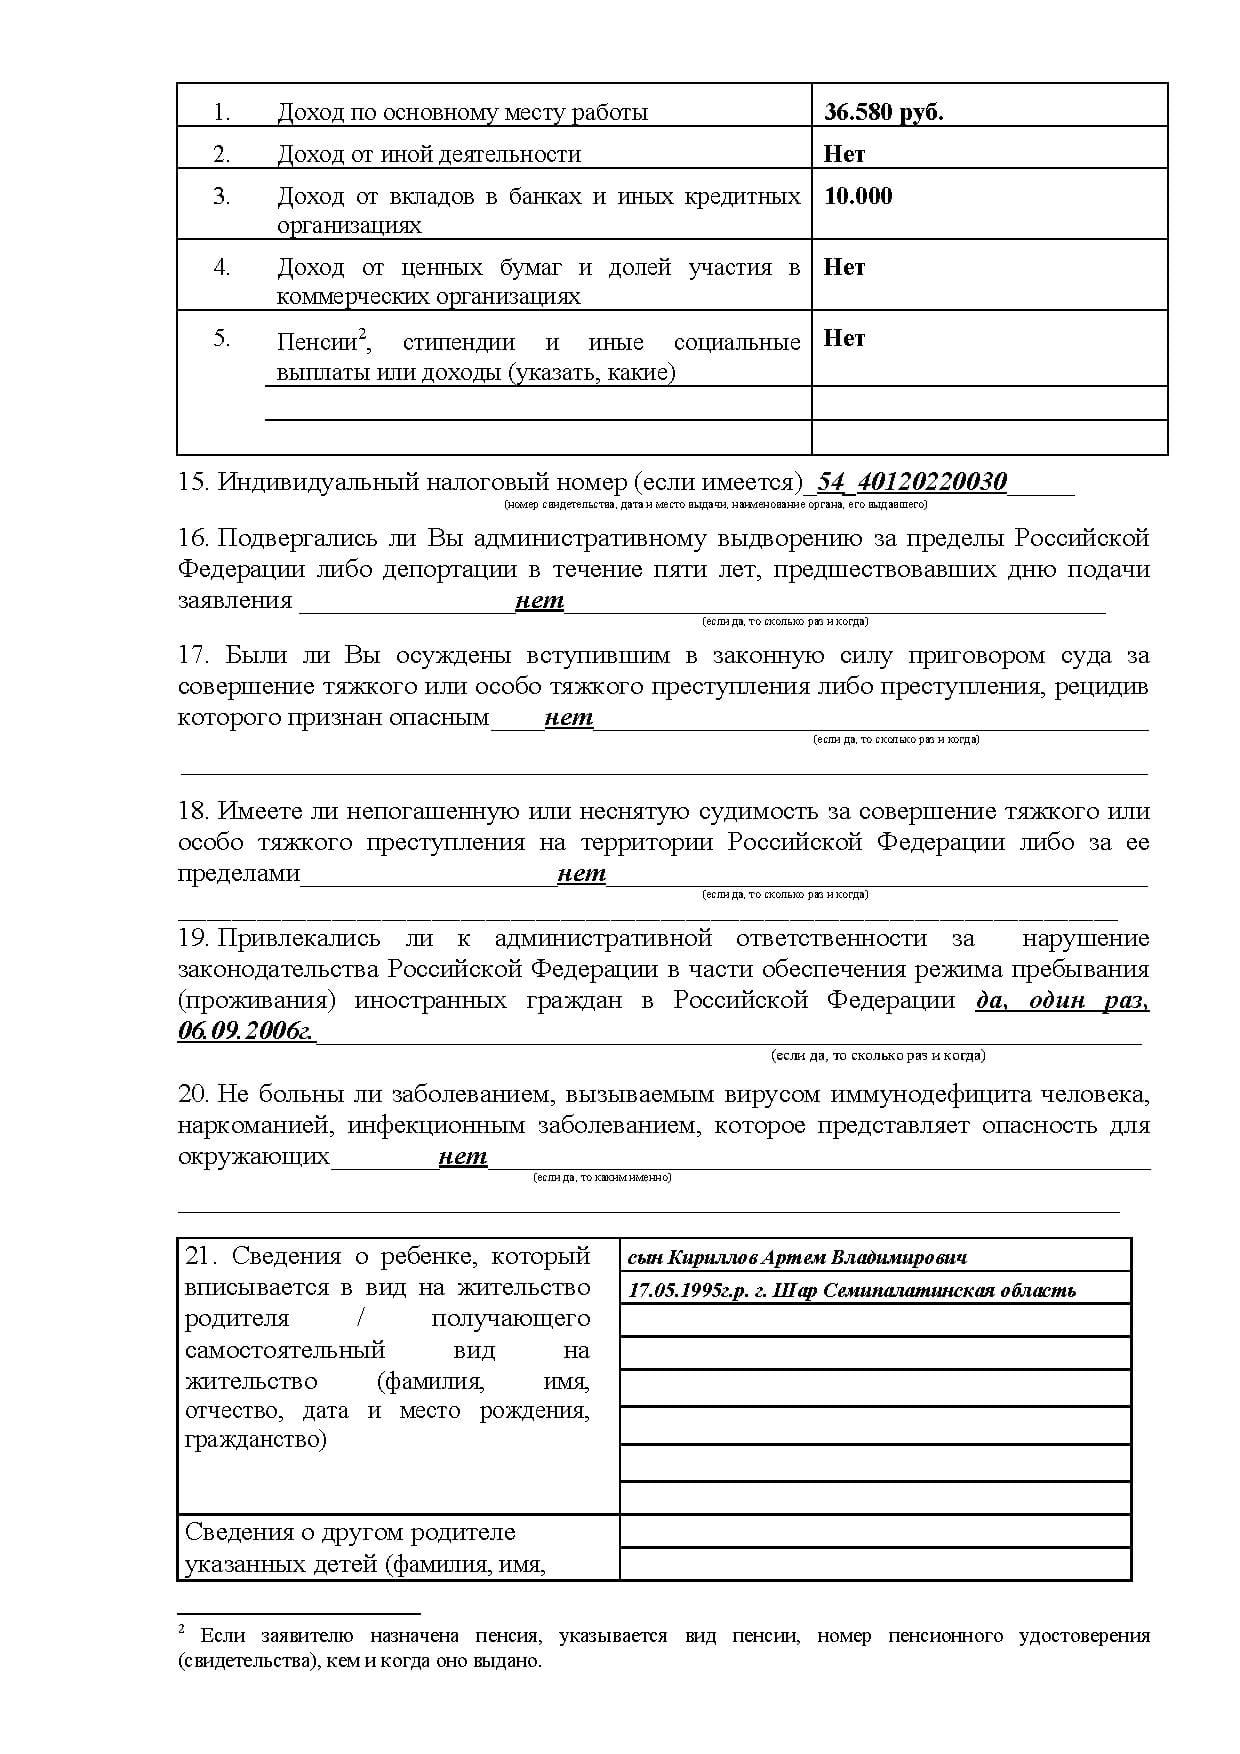 Оформление ВНЖ для граждан Казахстана